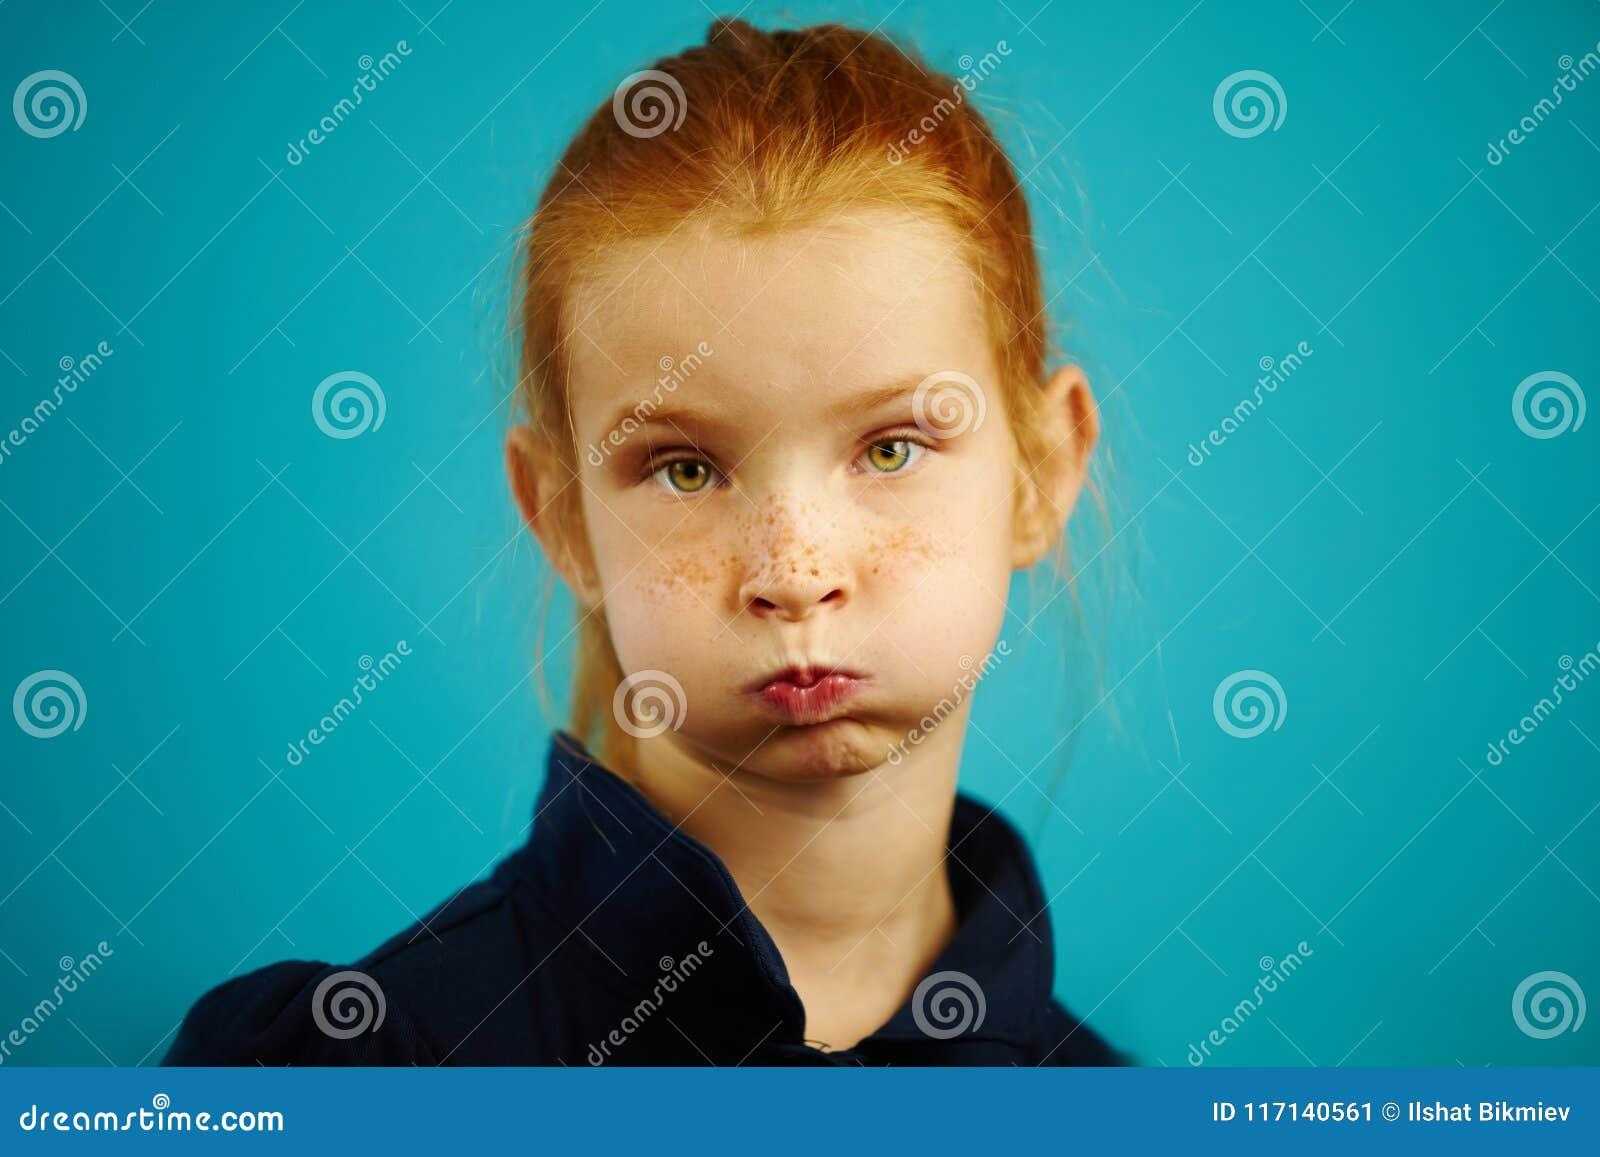 Το μικρό κορίτσι με το pouty στόμα και έκπληκτος φαίνεται απομονωμένο στο μπλε υπόβαθρο